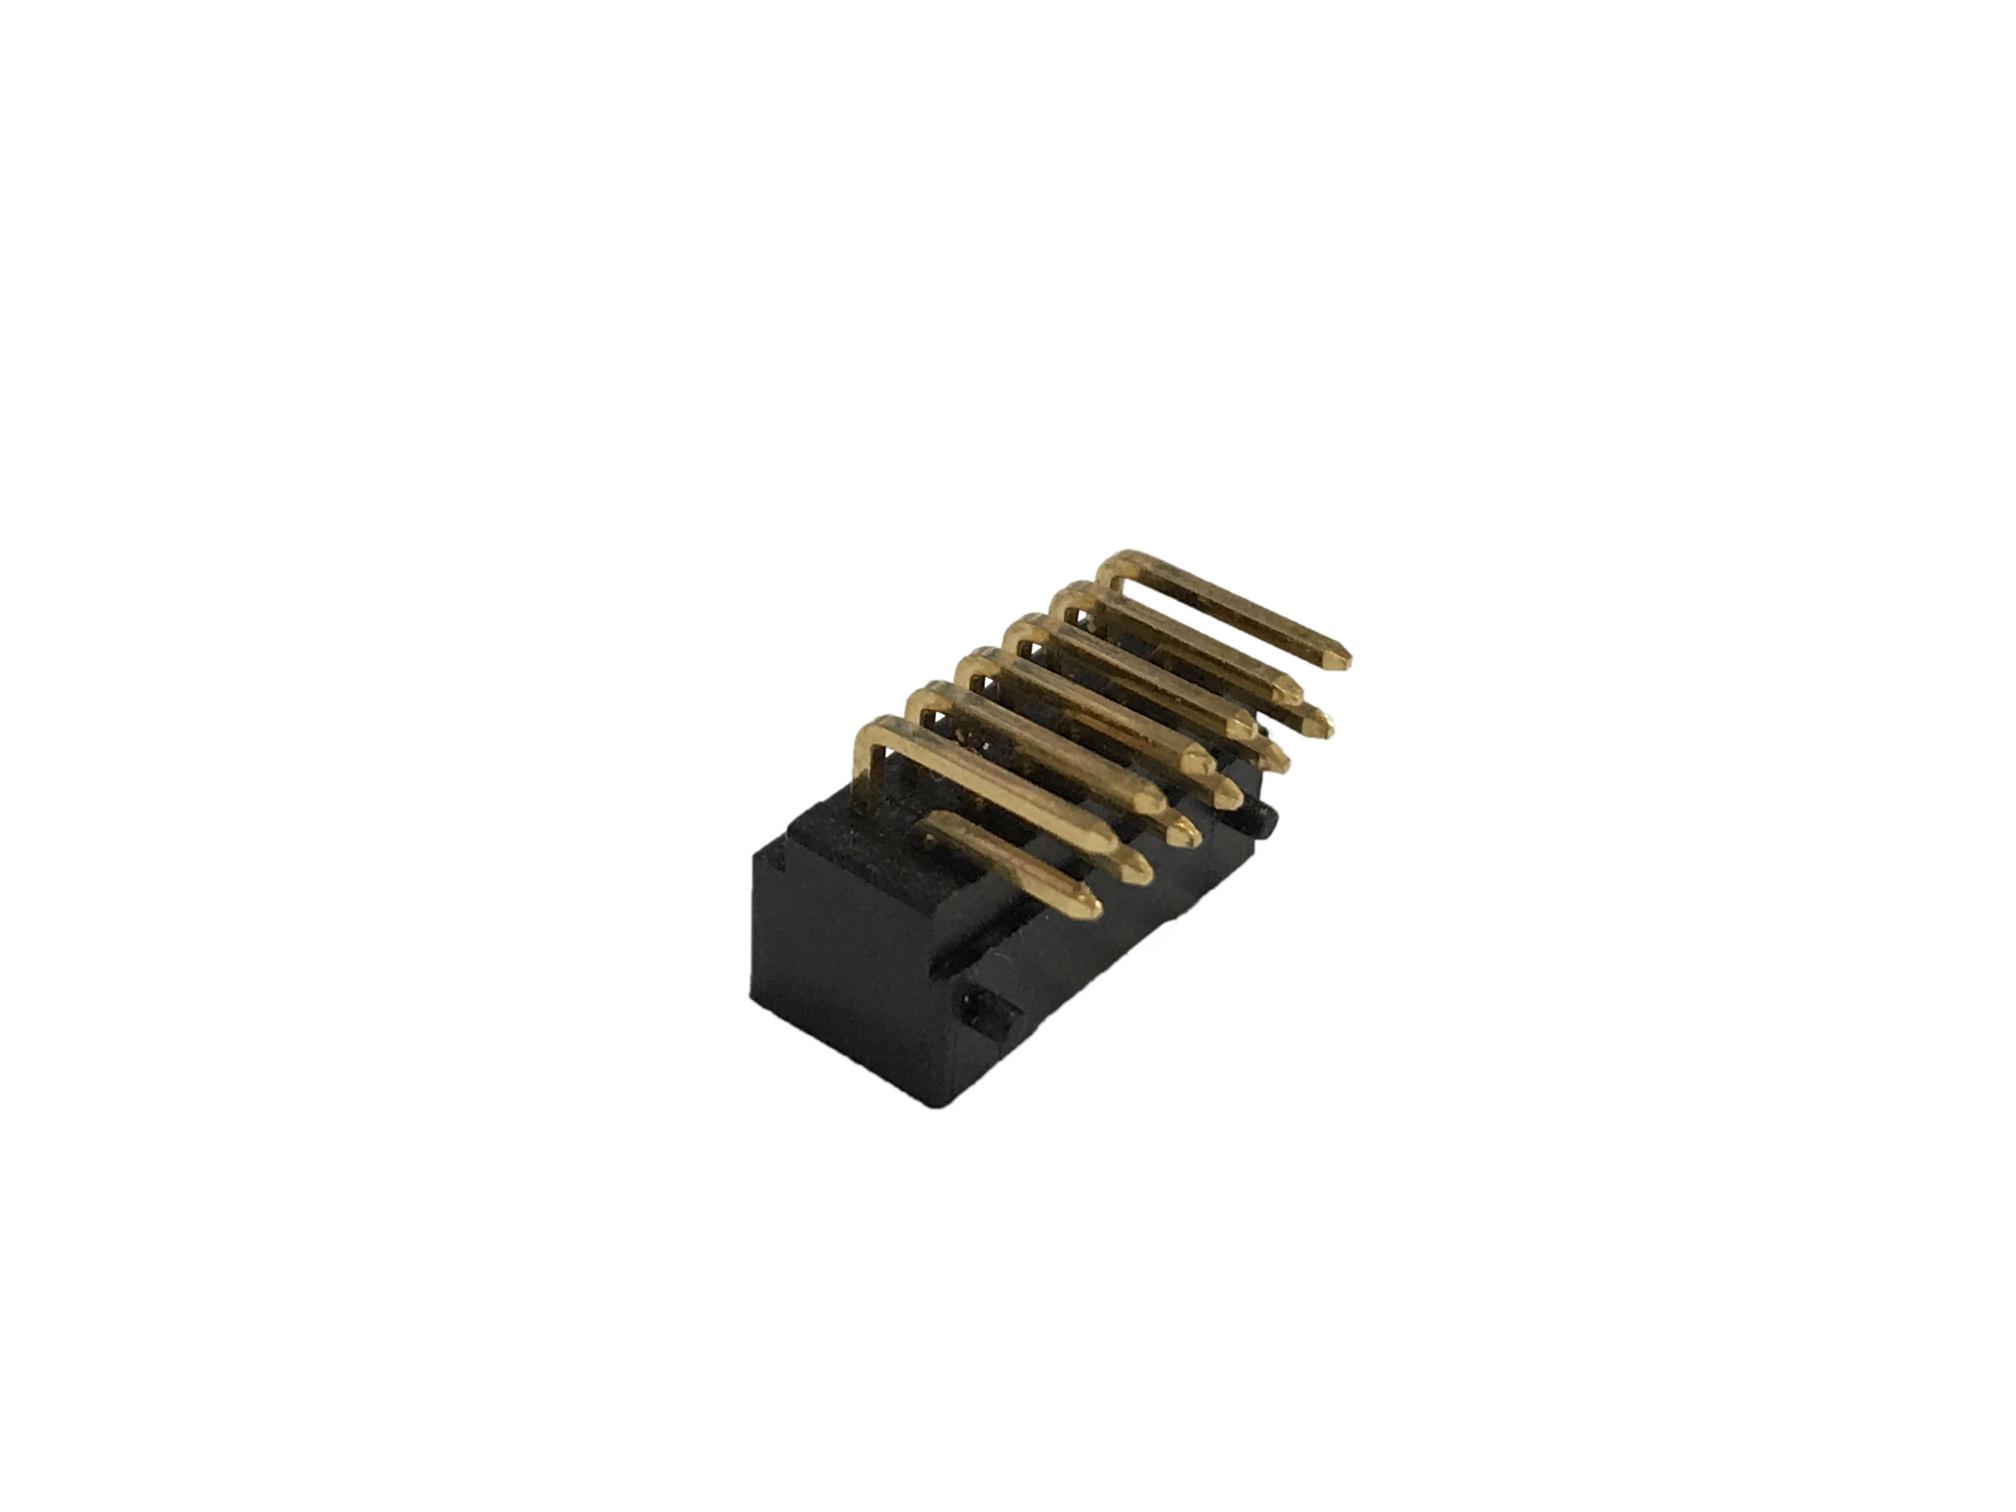 QJ599 12芯插座